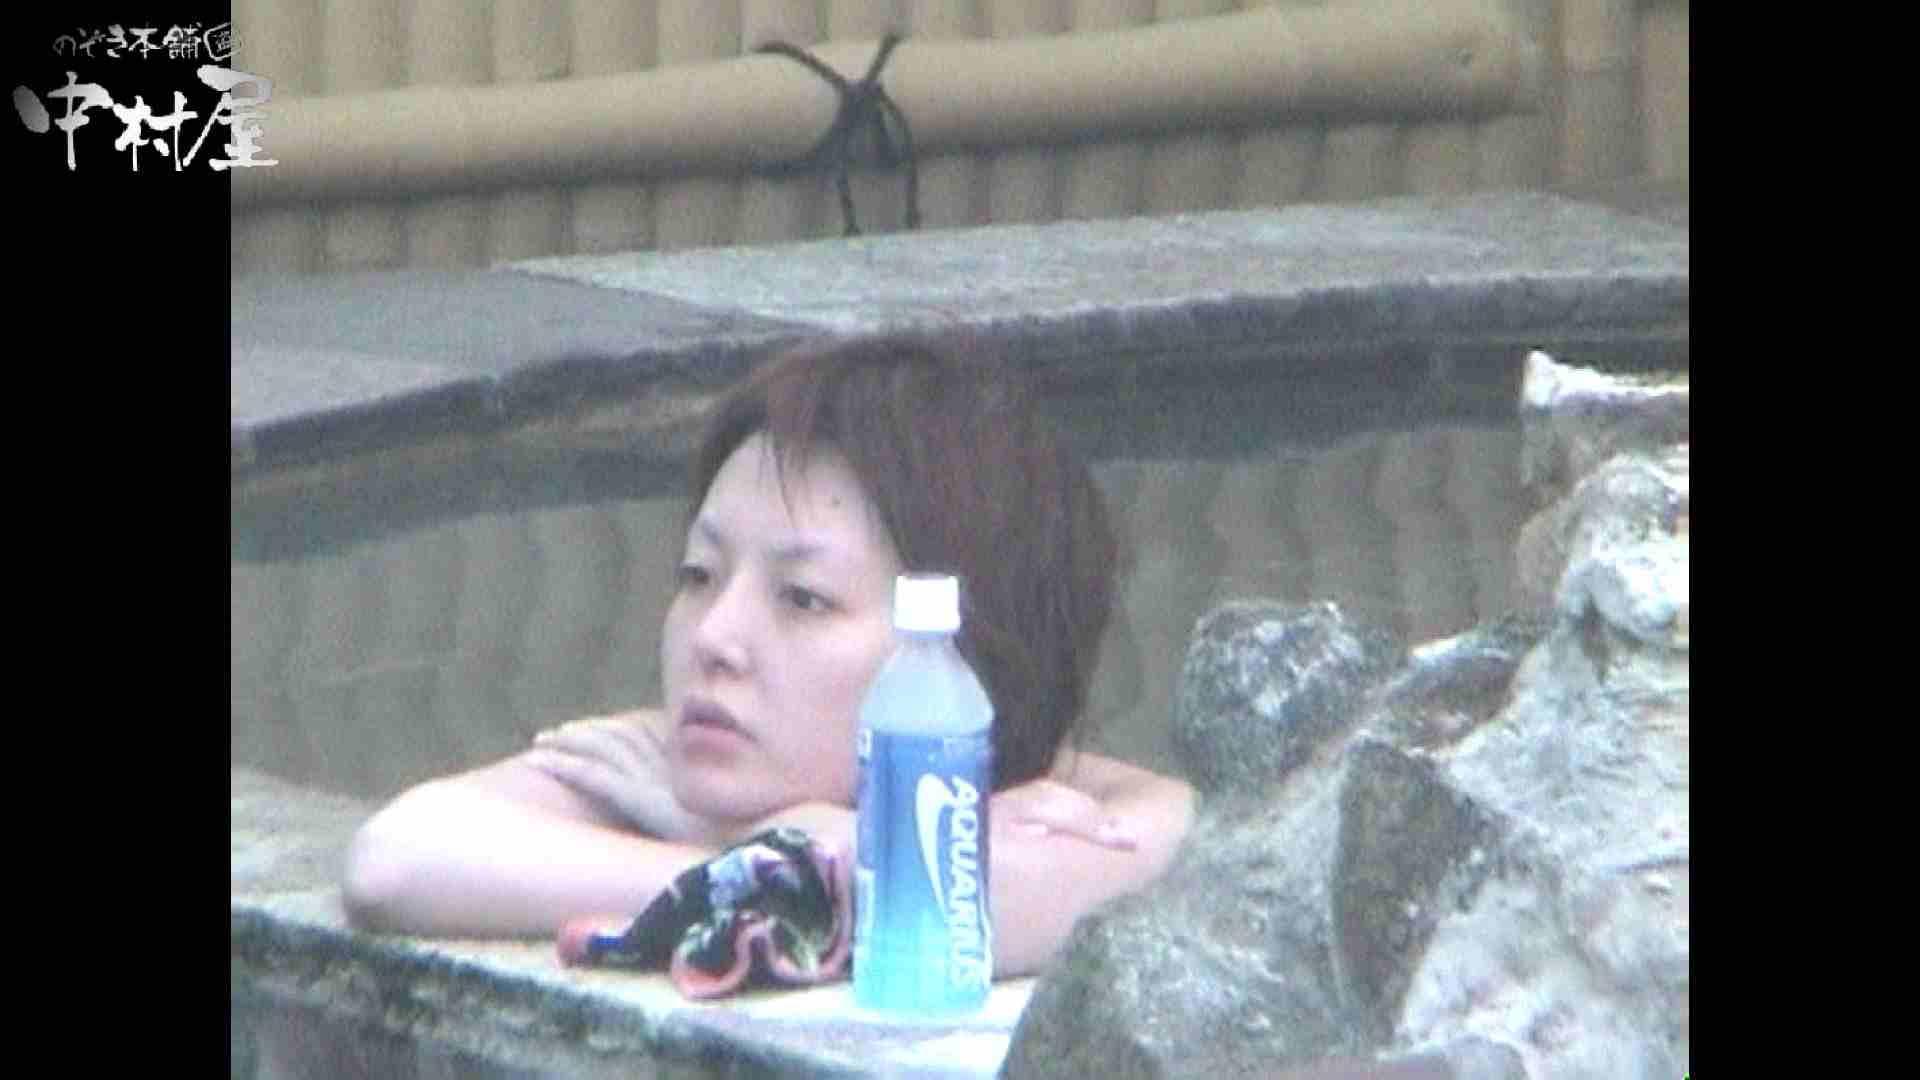 Aquaな露天風呂Vol.959 OL  29pic 10